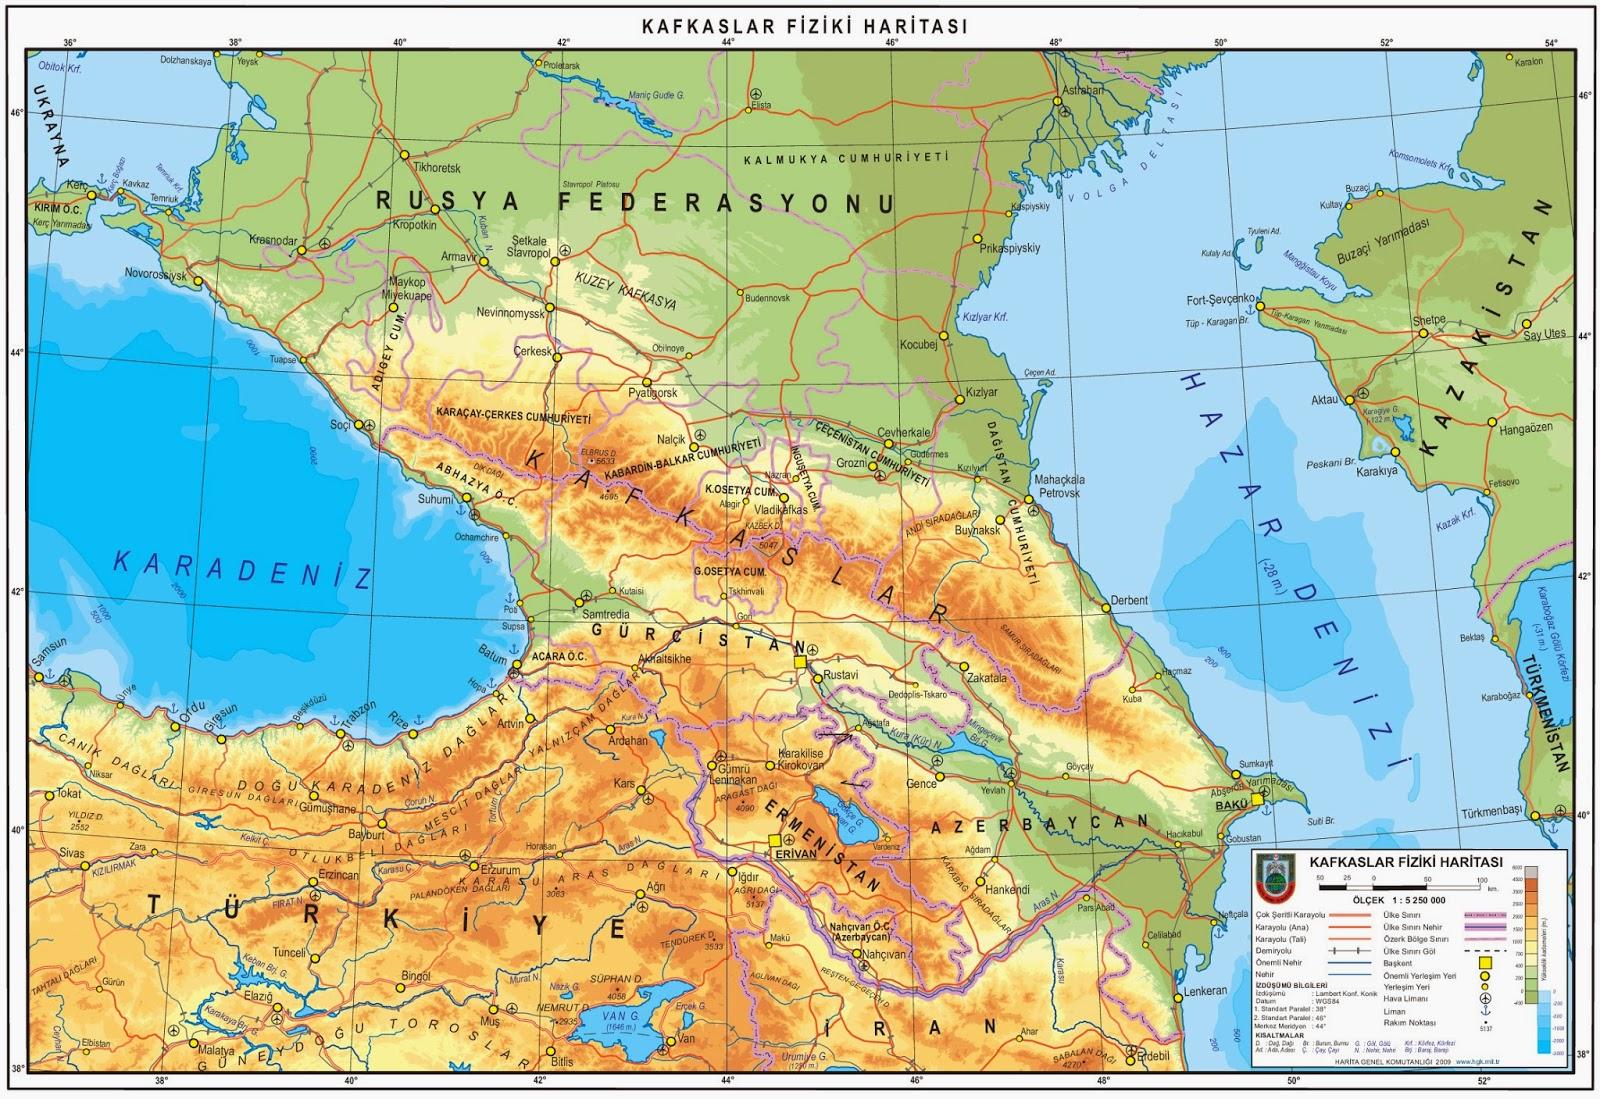 Kafkas ülkeleri ve başkentleri, Kafkasya bölgesi neresi oluyor, Kafkas cumhuriyetleri nelerdir harita...